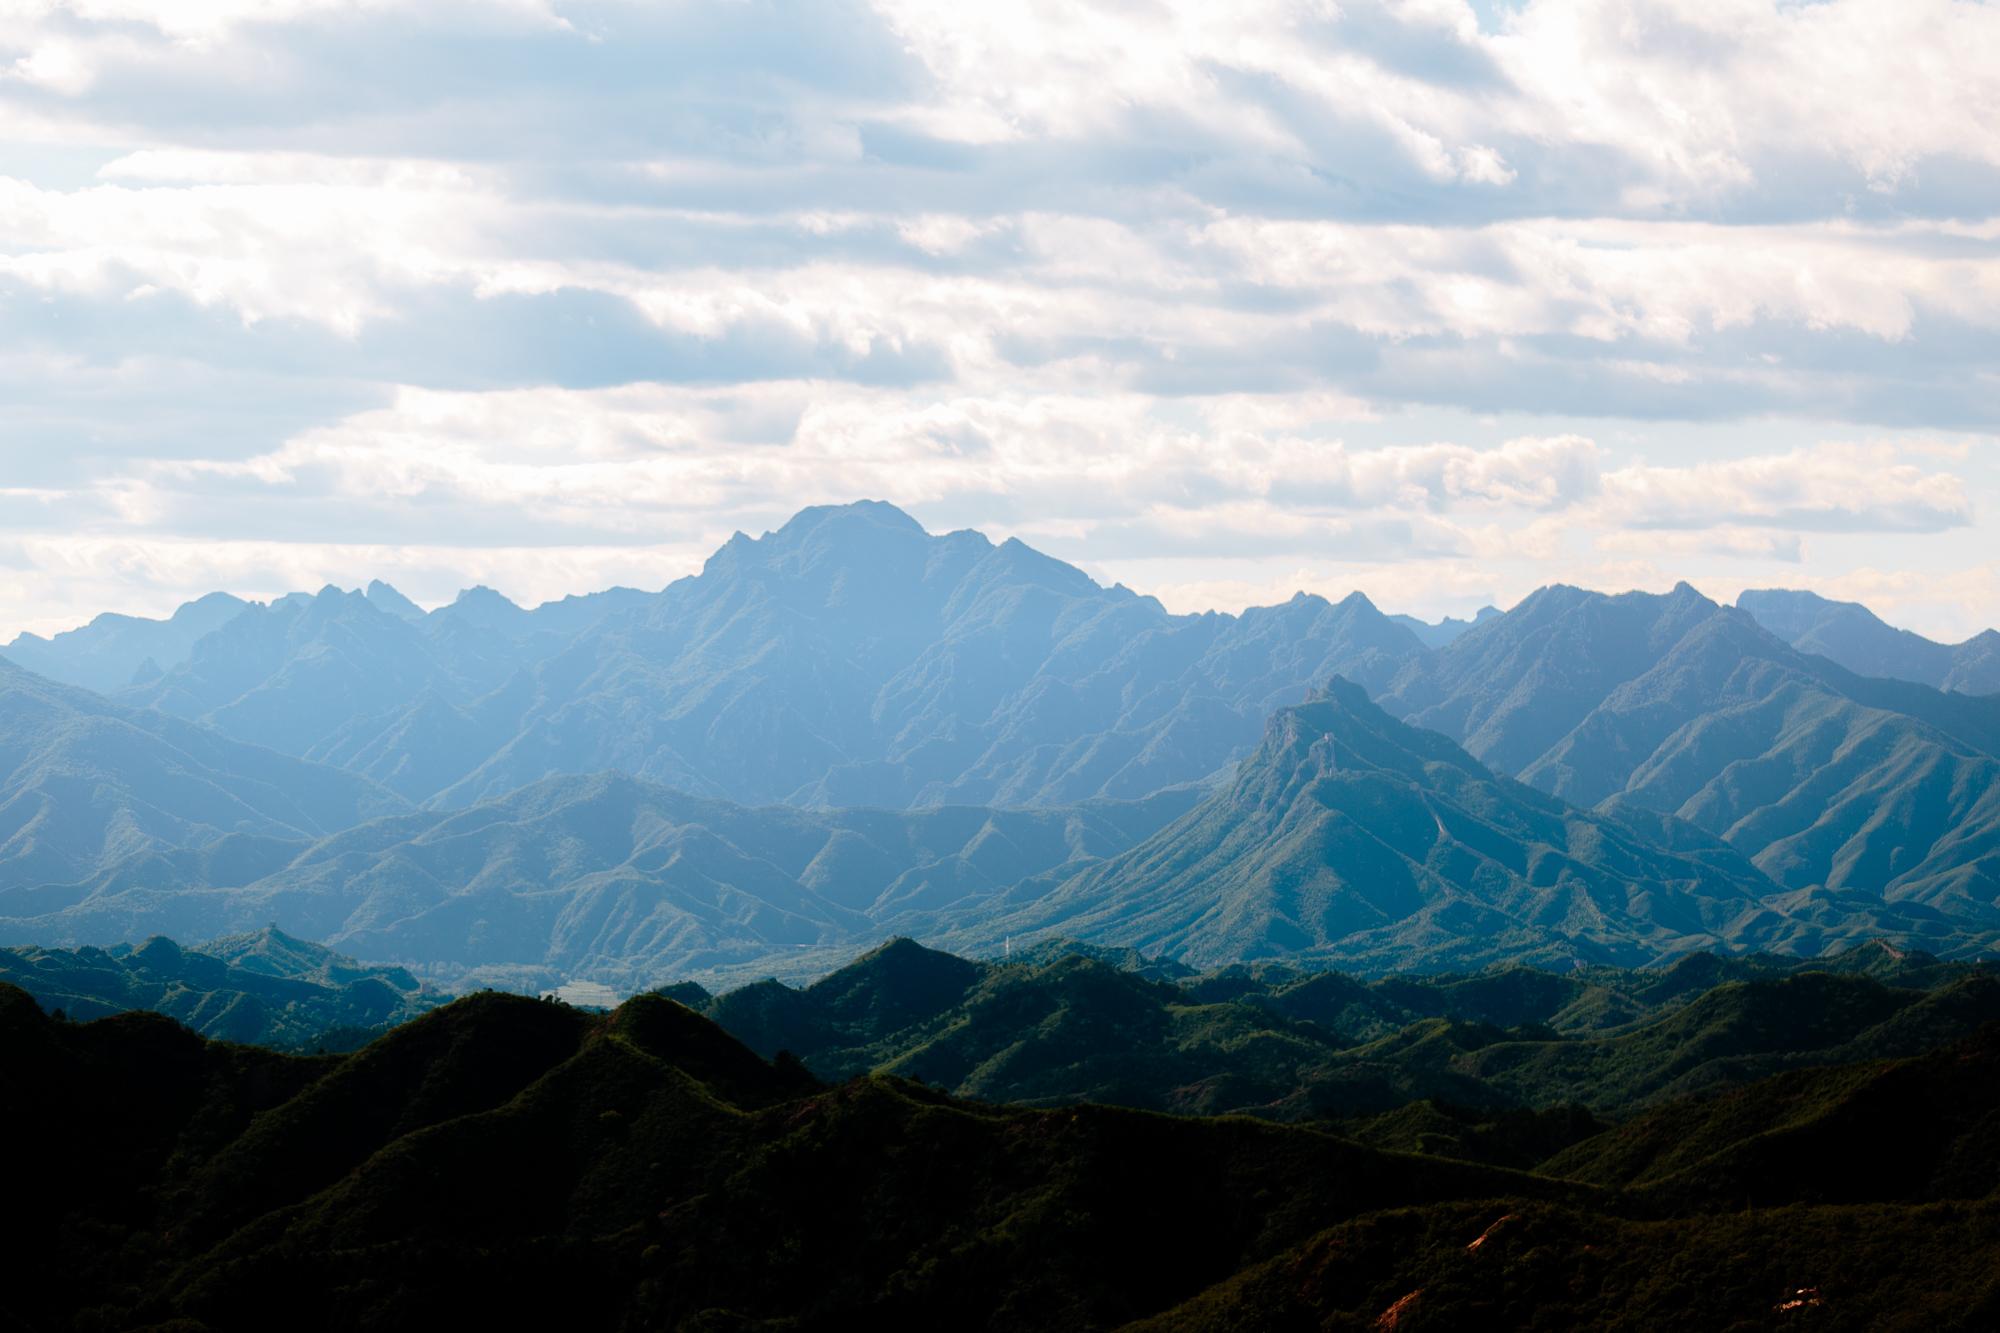 Mountain_landscape.jpg